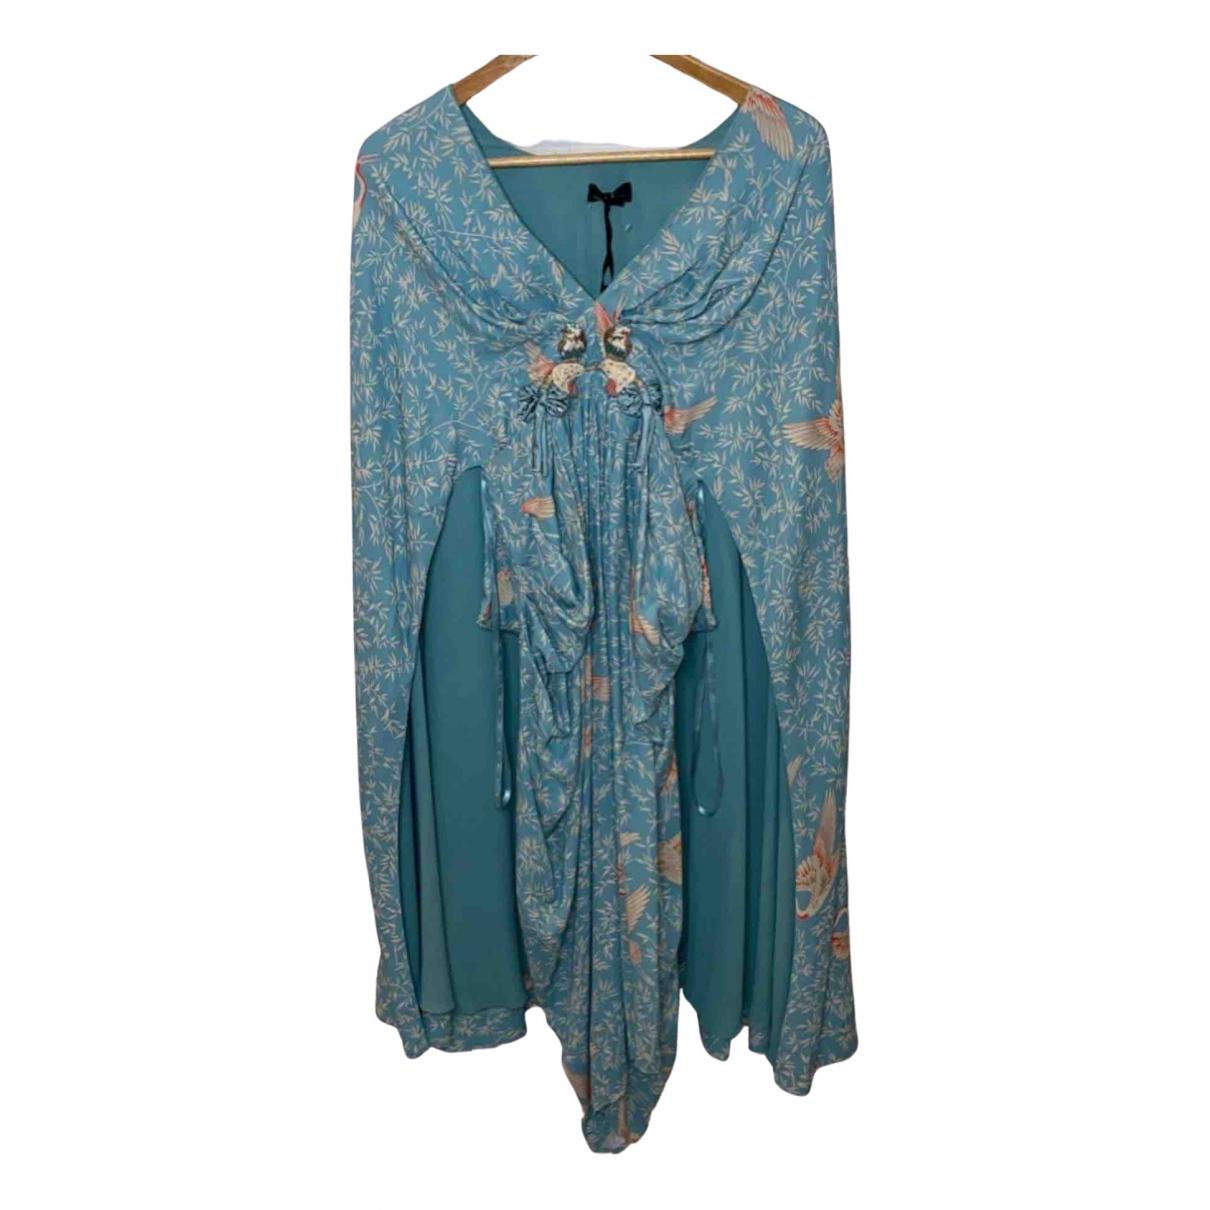 Elisabetta Franchi \N Blue dress for Women 40 IT